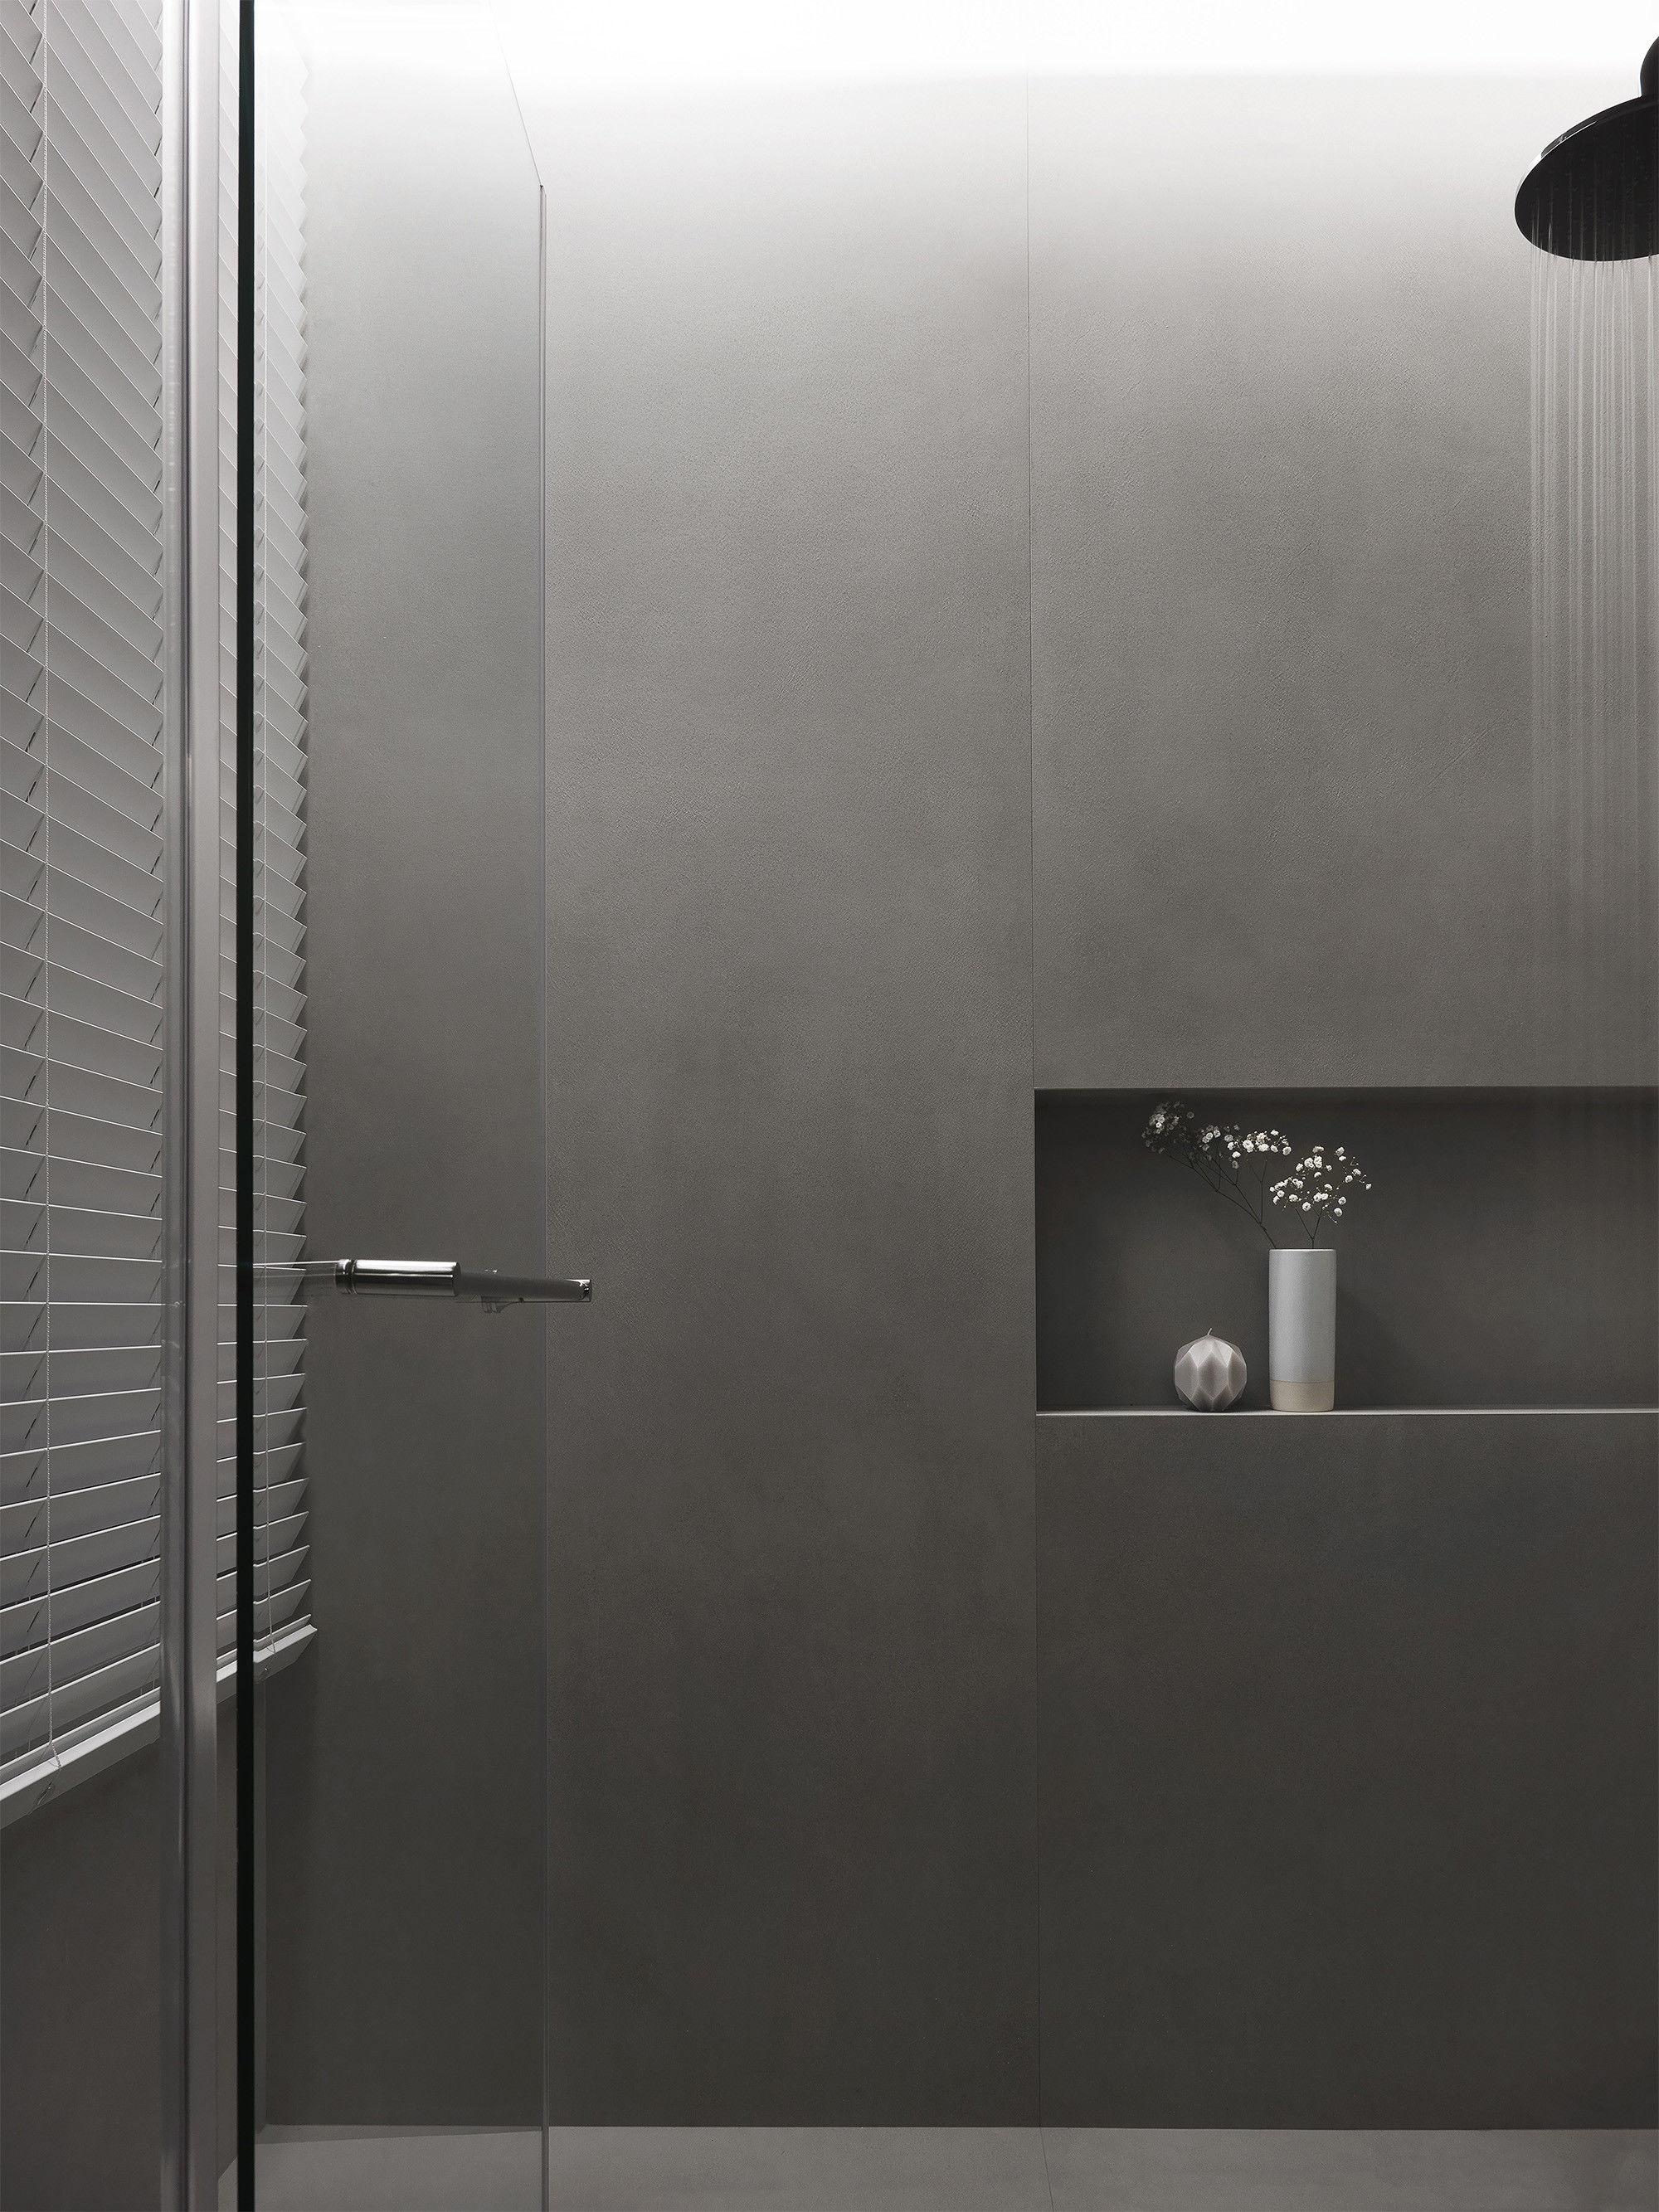 分子室內裝修設計-台中七期住宅-住宅裝修設計-衛浴空間